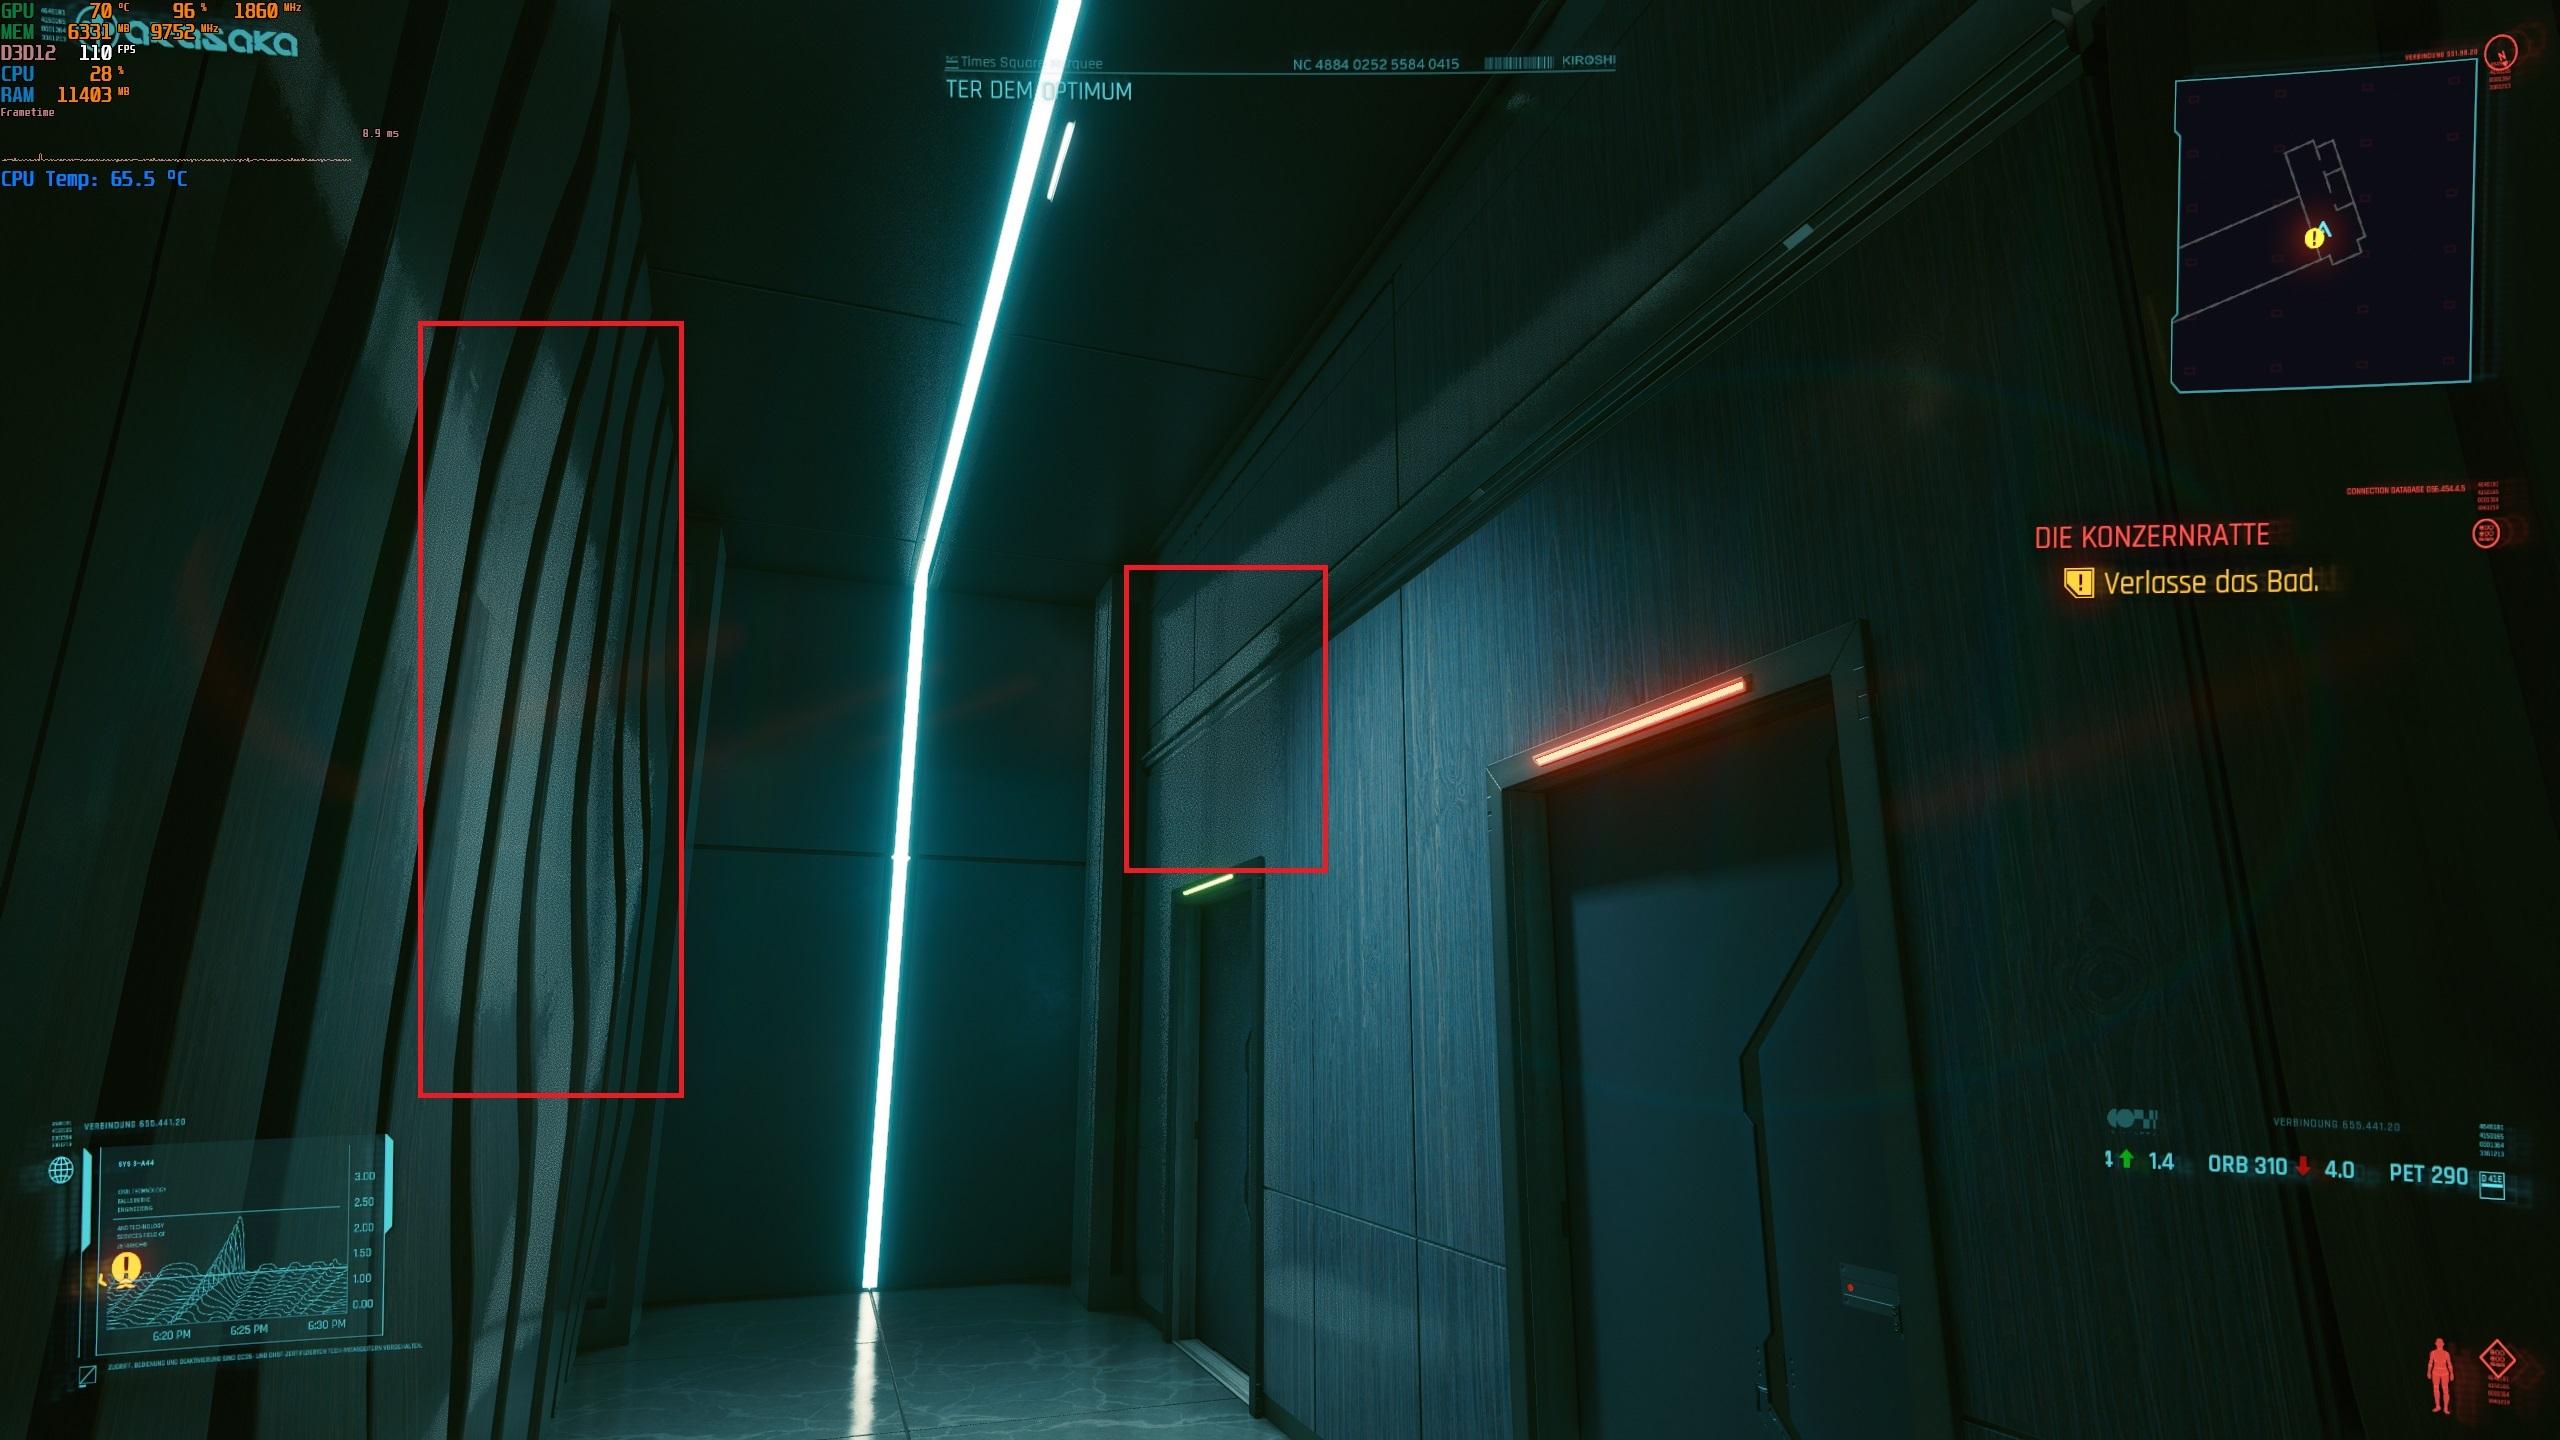 Cyberpunk2077_2020_12_10_20_55_31_538 (1).jpg